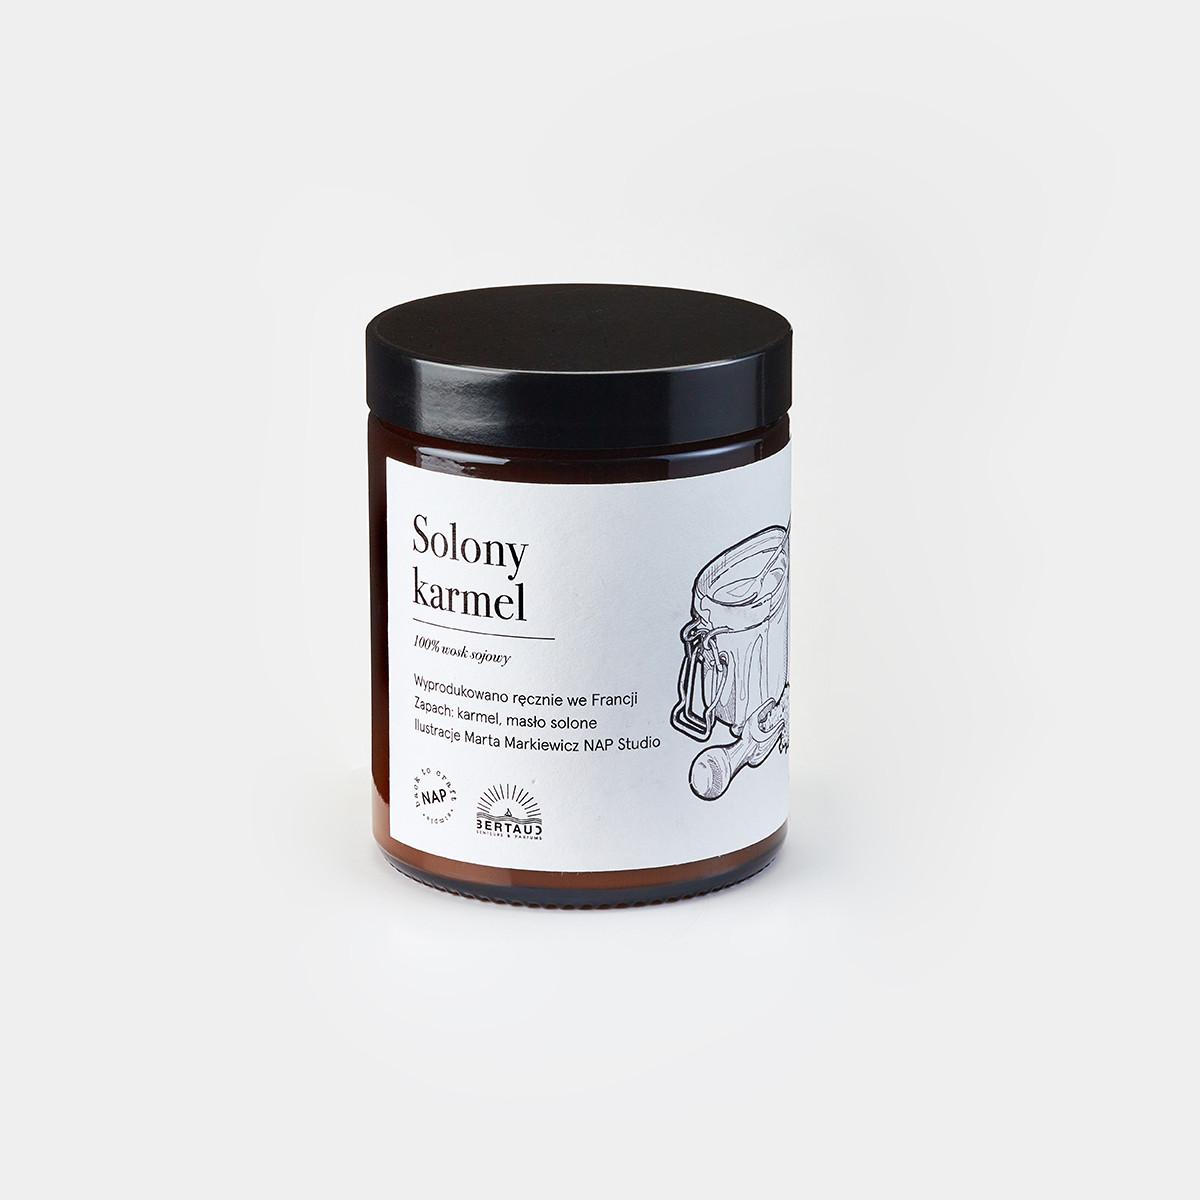 Świeca solony karmel 140g NAP x Bartaud